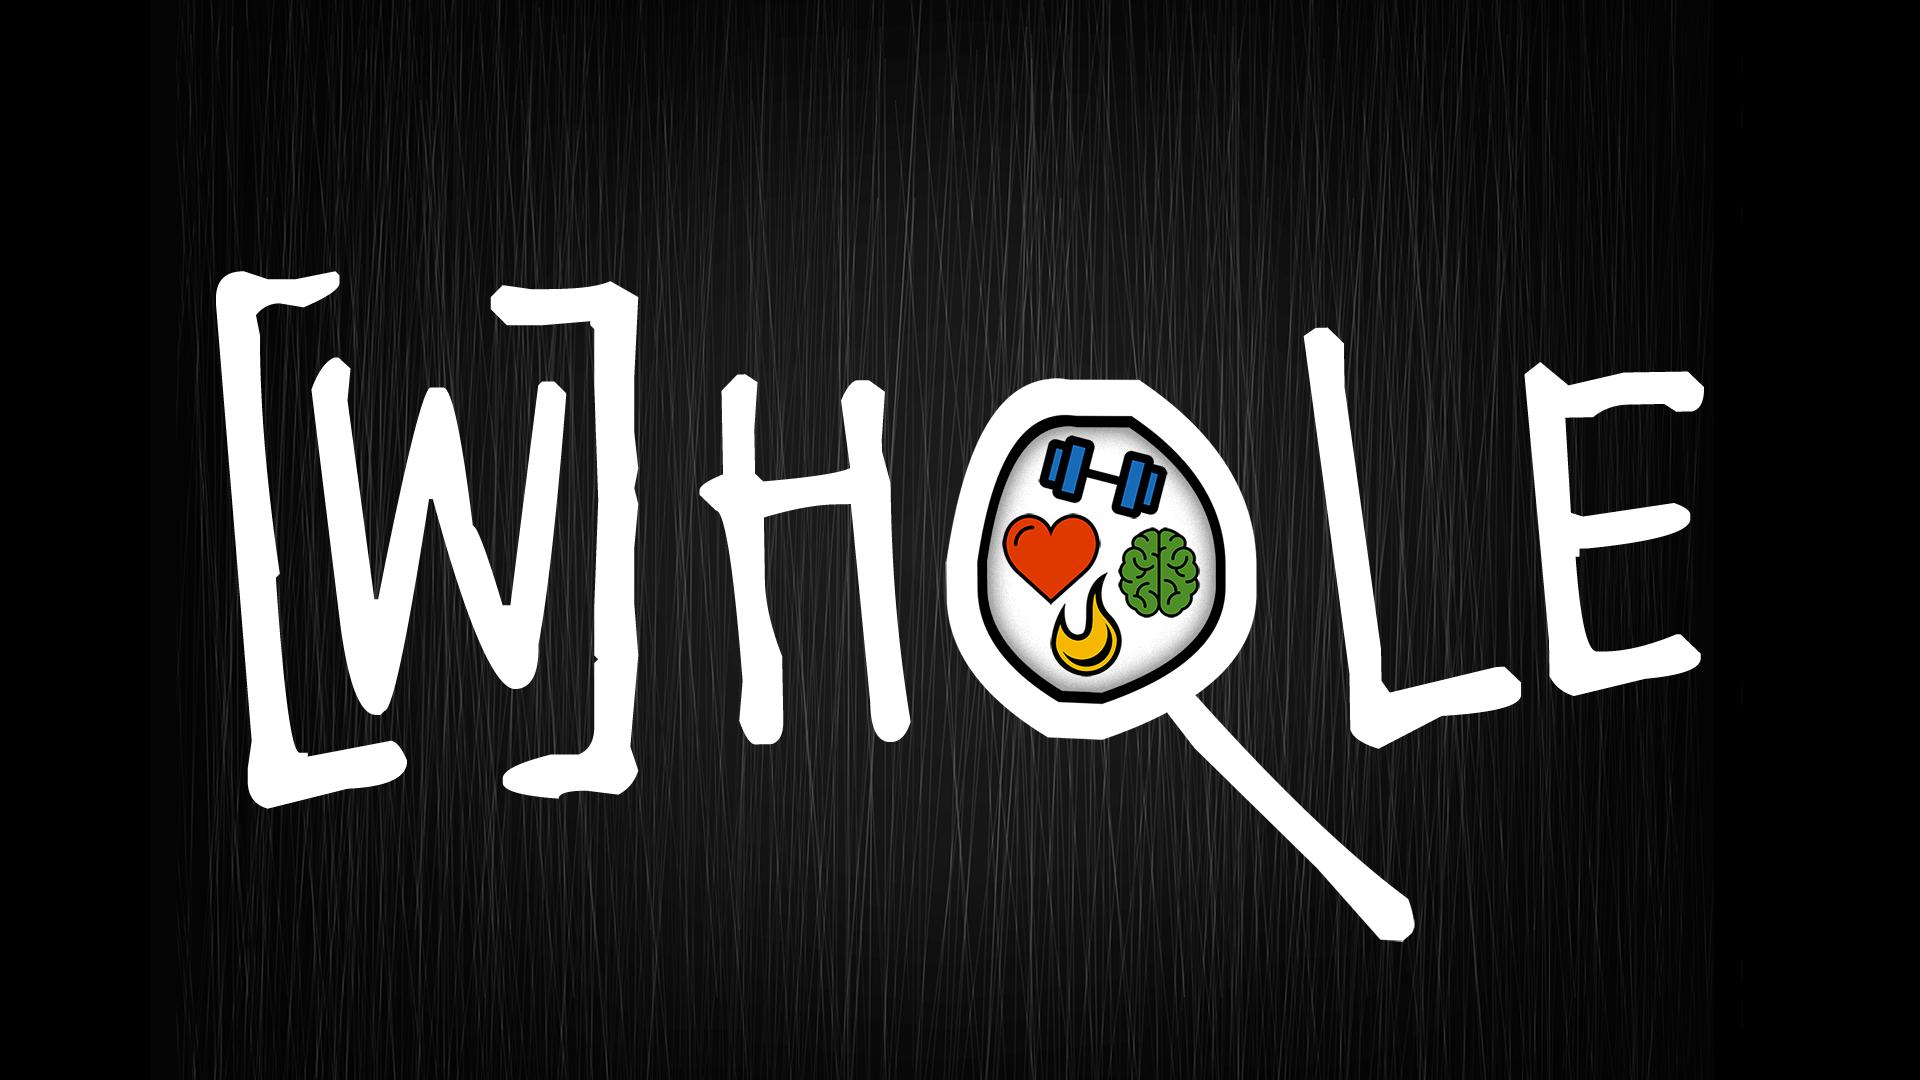 [w]hole